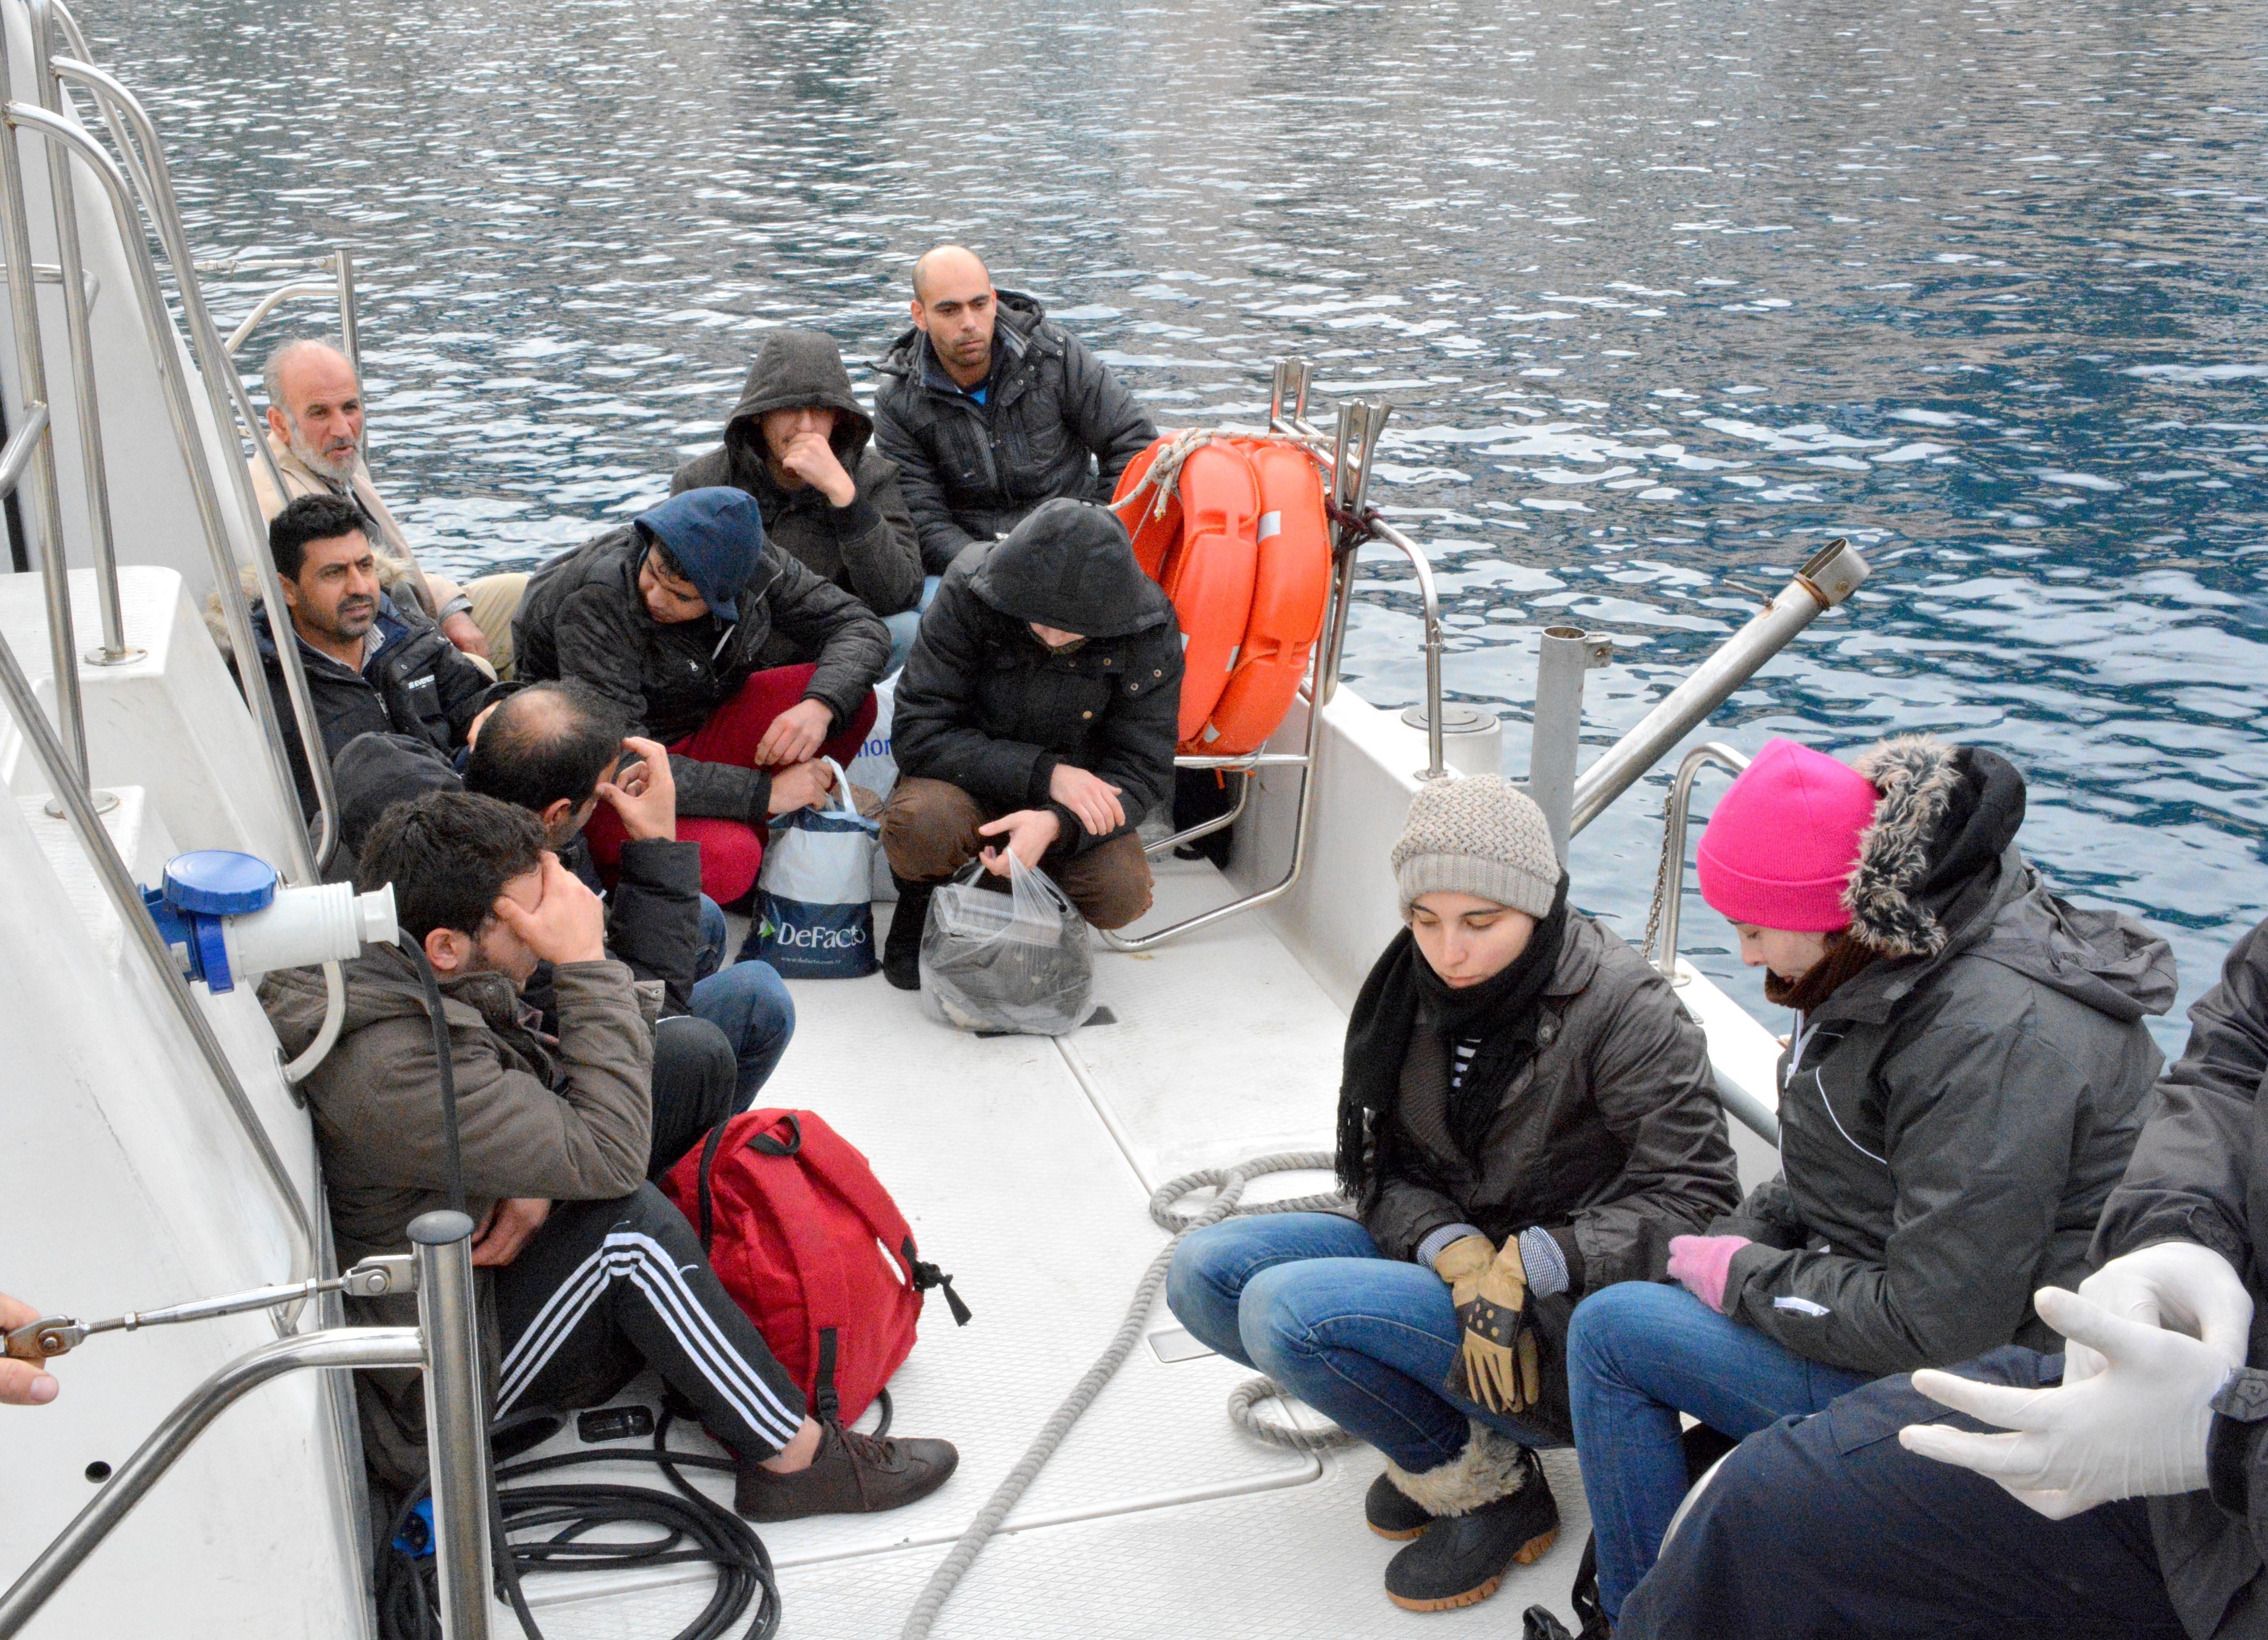 Περισυλλέγησαν 38 μετανάστες από το Λιμενικό ανοιχτά της Μυτιλήνης | tovima.gr